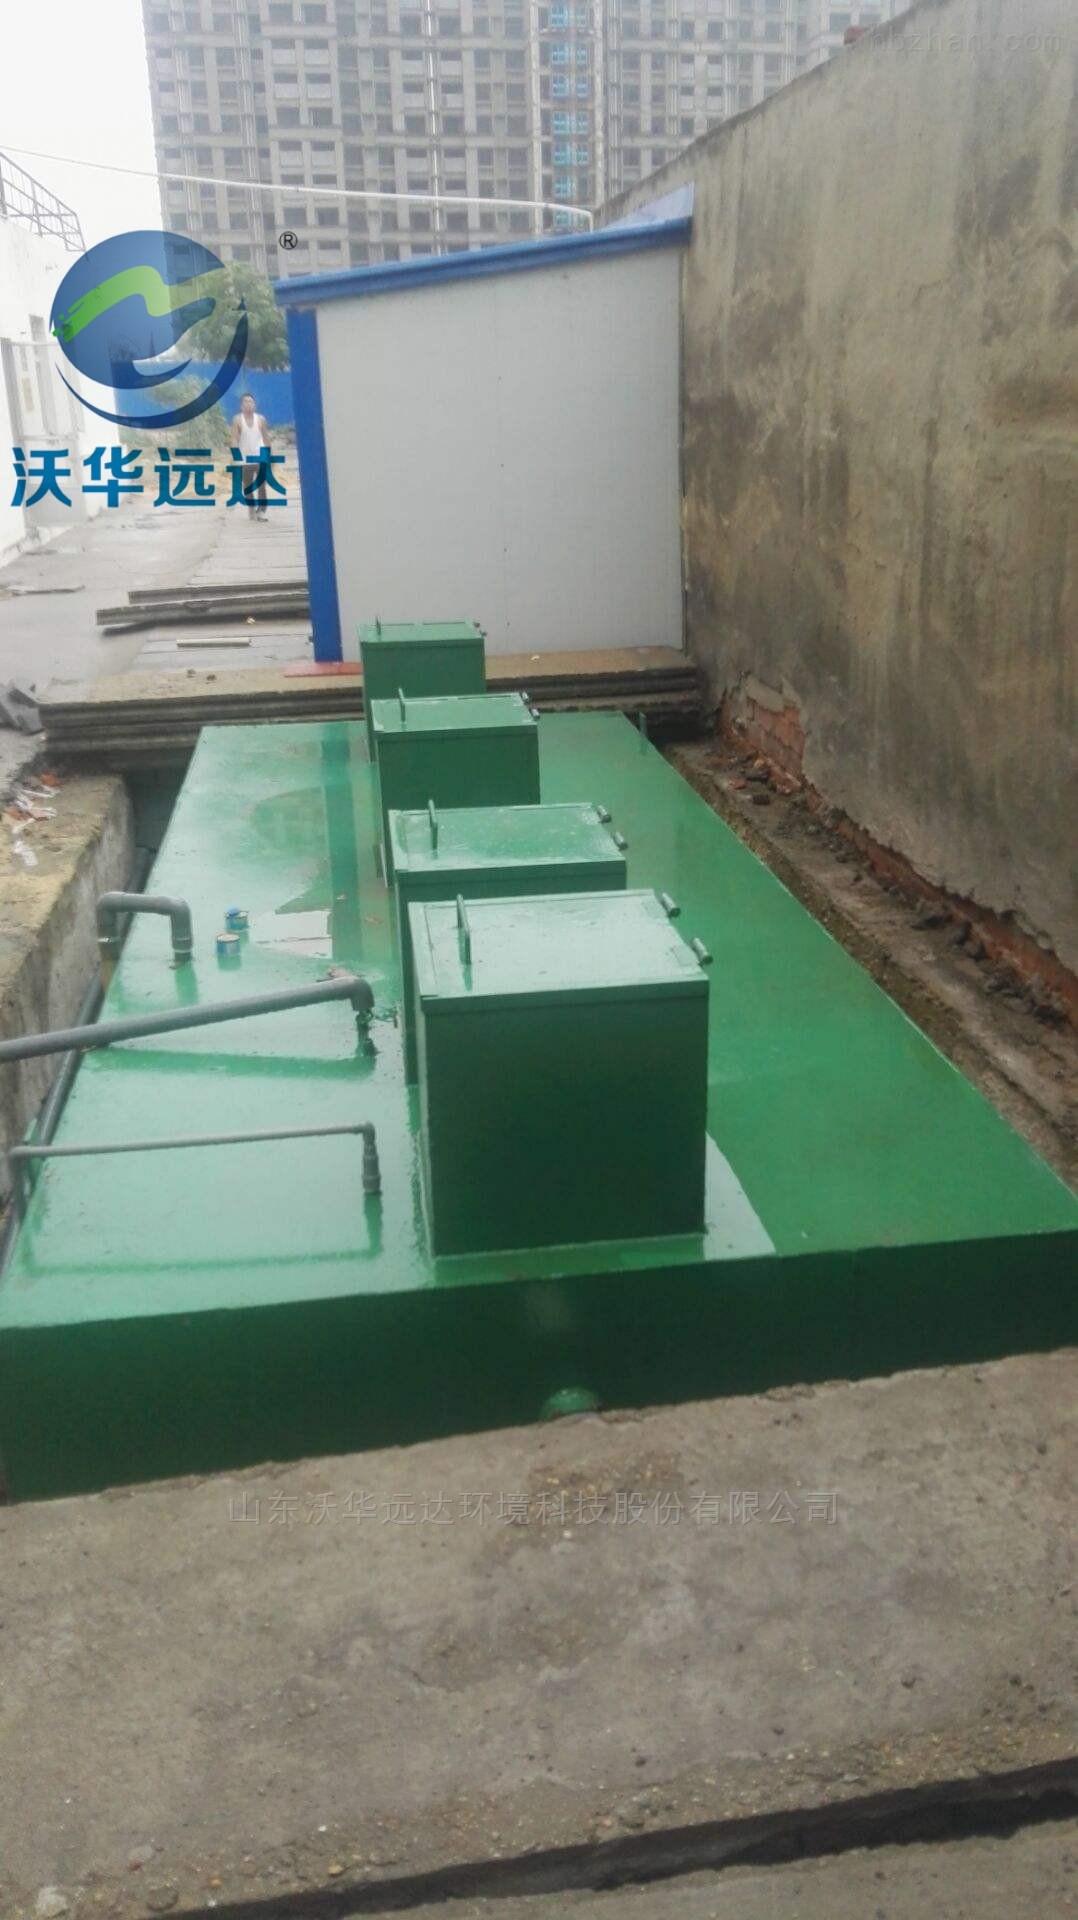 安庆防疫站污水处理设备